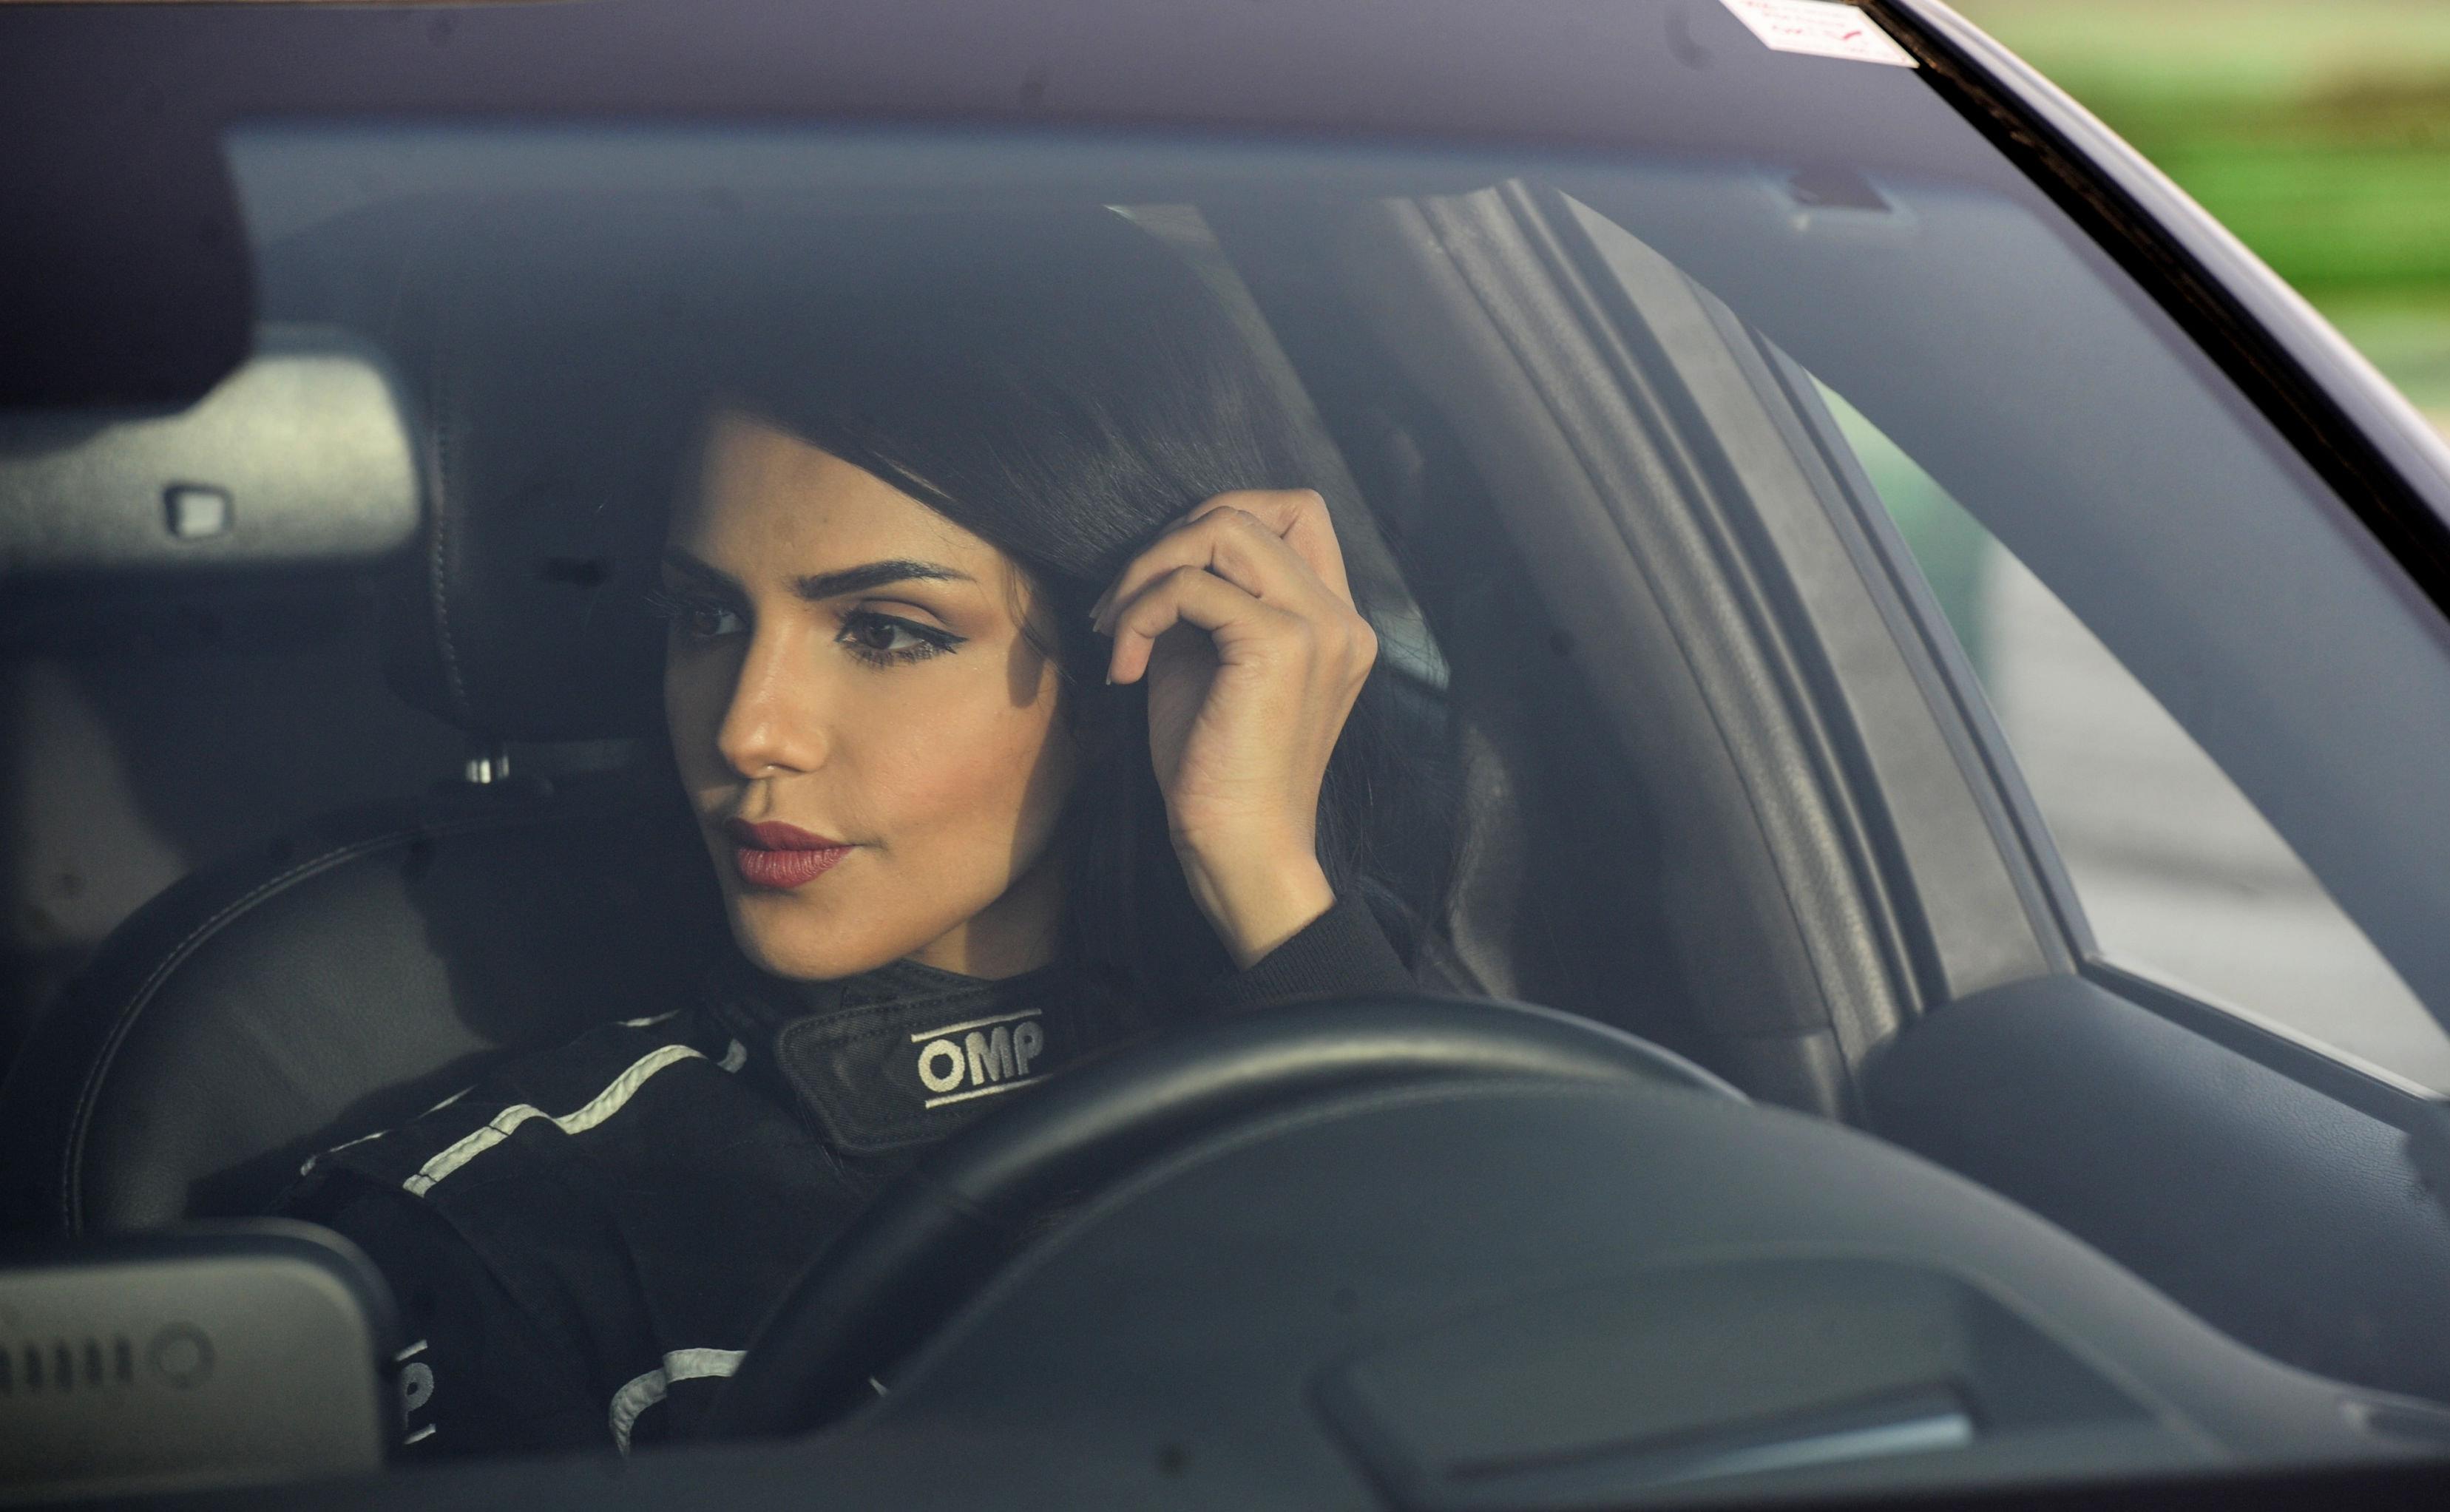 Rana Mimuni, mujer piloto saudí